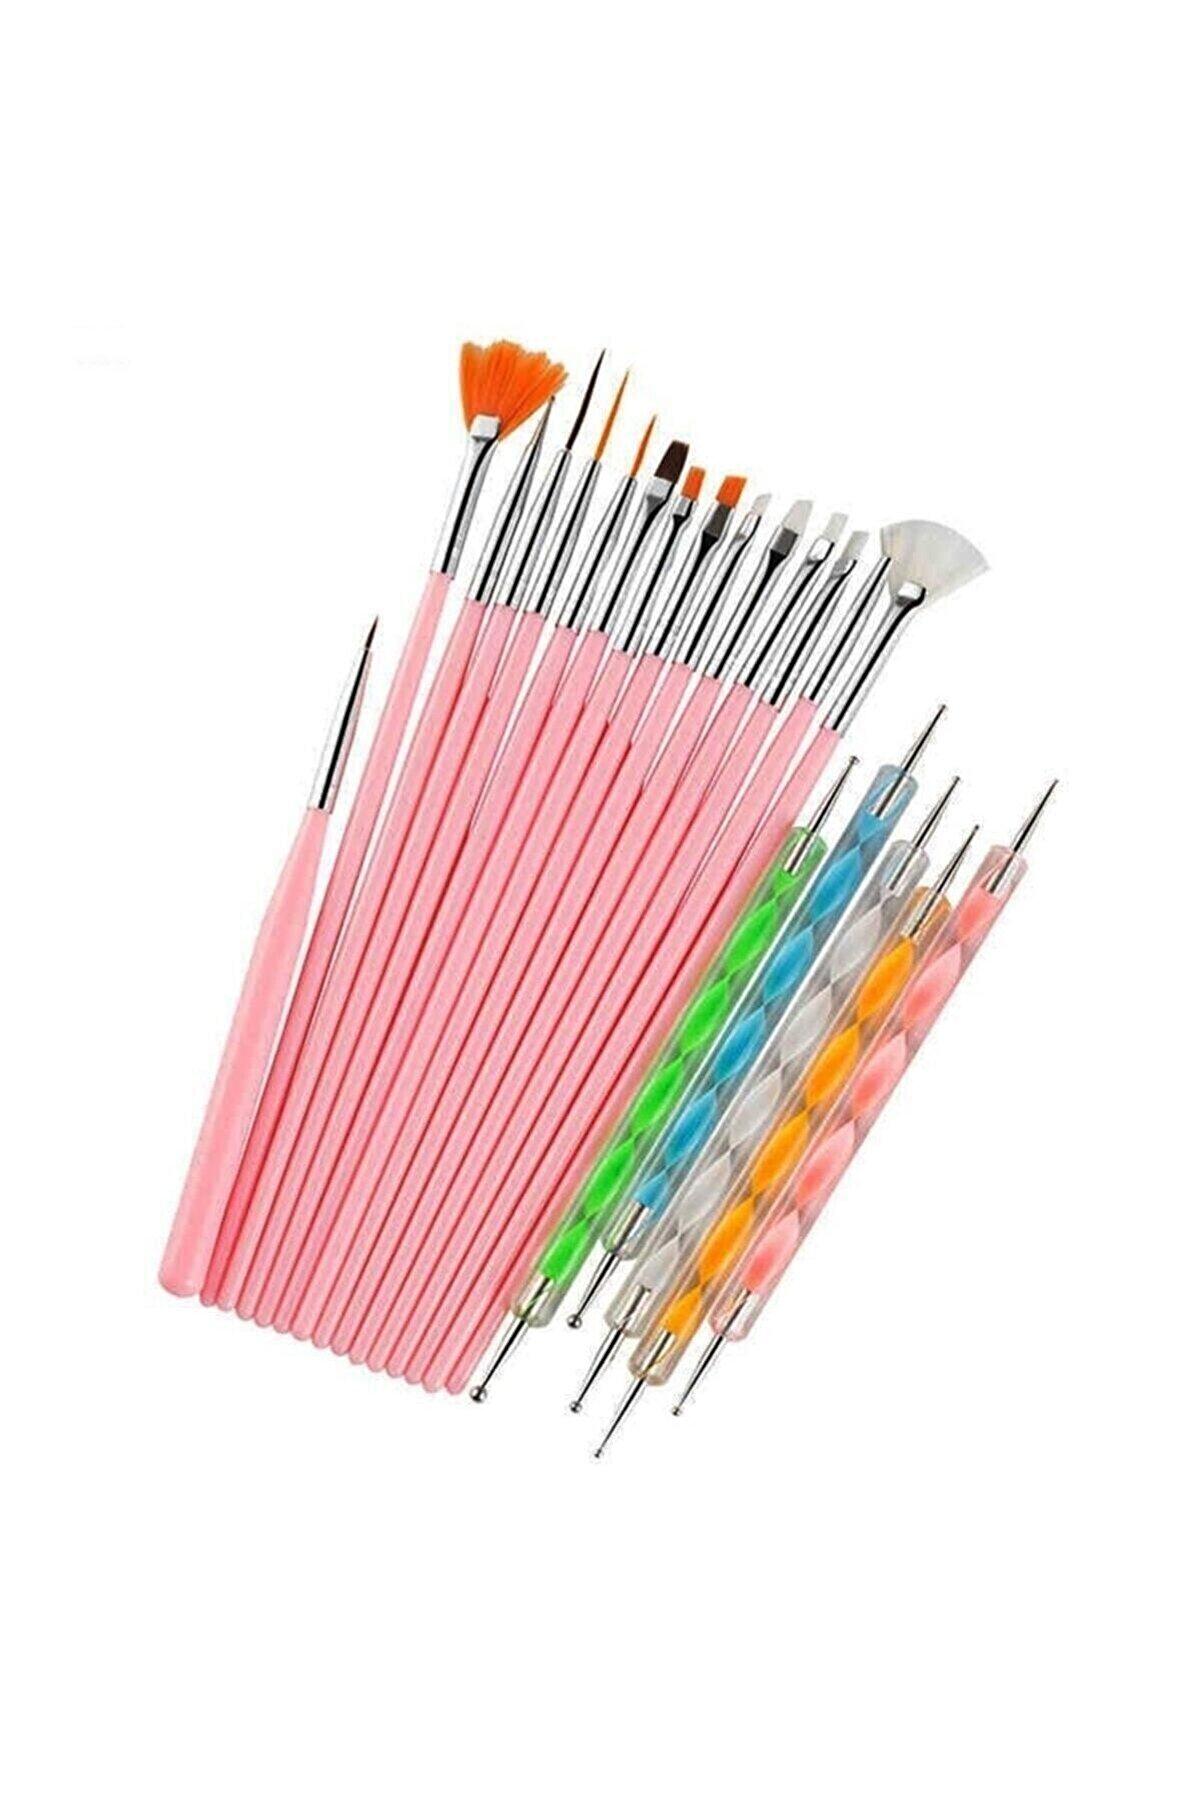 SİNKA Nail Art Tırnak Süsleme Desen Fırça 15'li  Ve Dot Kalem Seti 5'li  20 Parça